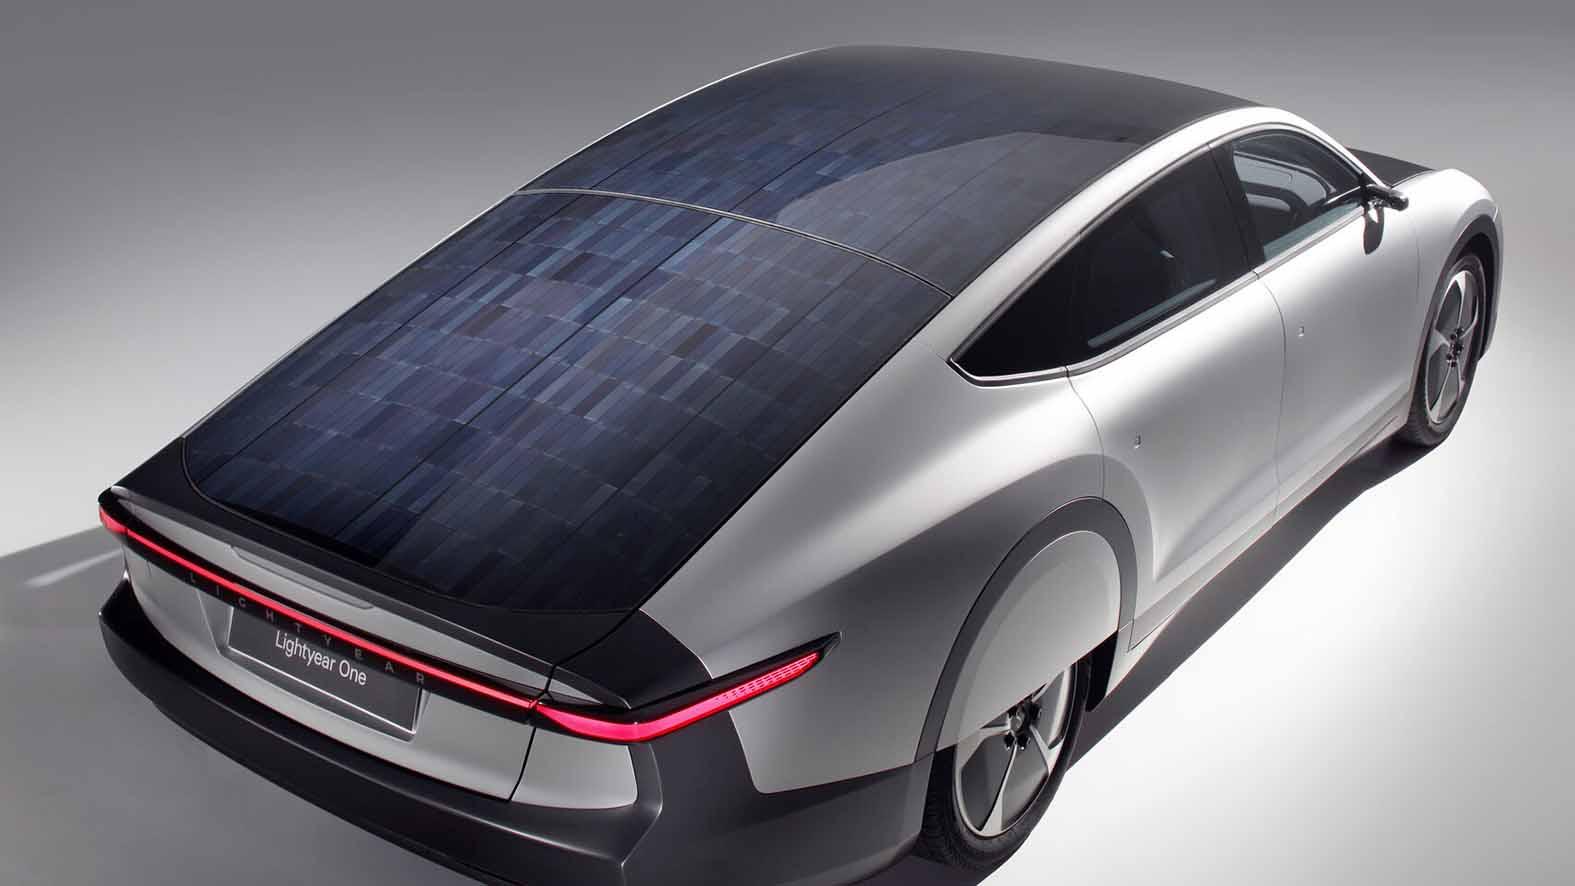 el-coche-de-energia-solar-de-150-000-euros-dos-espanoles-en-la-lista-mundial-de-espera